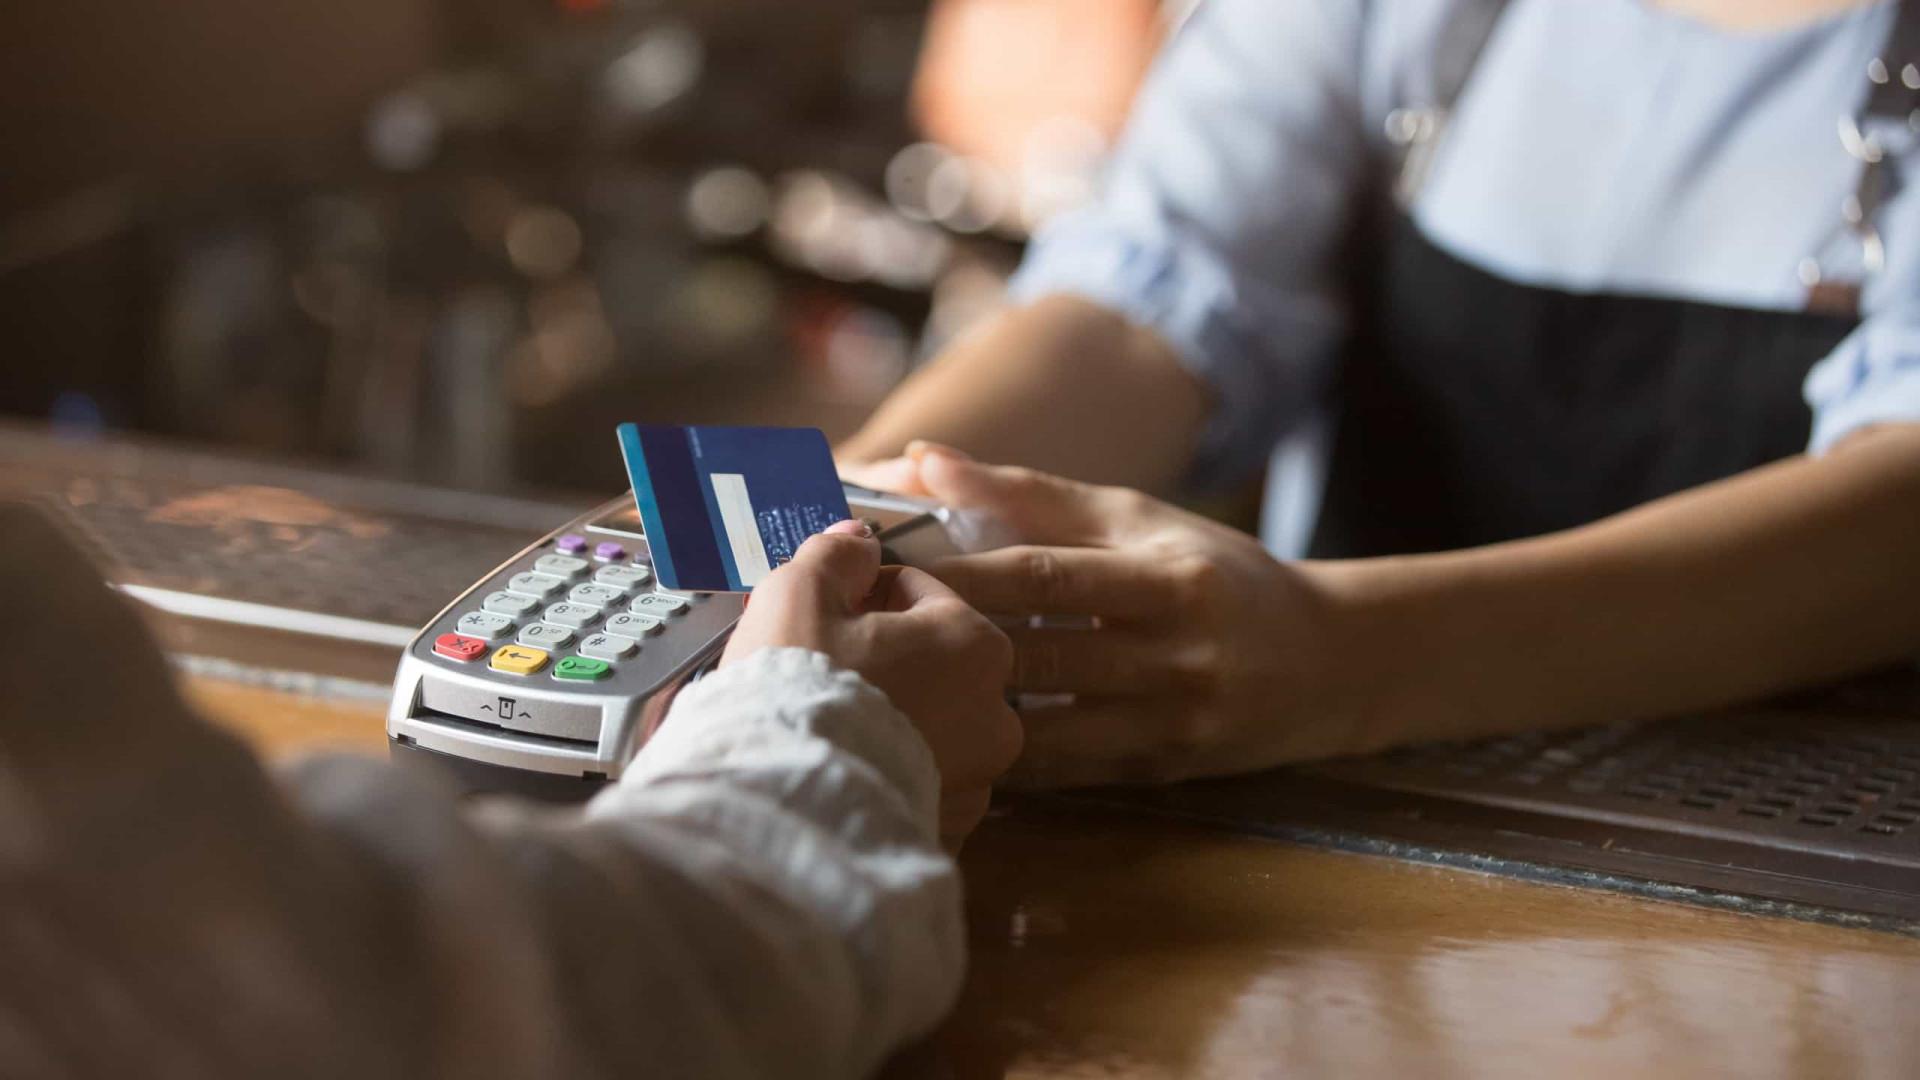 Setor de maquininhas reduz crédito ao varejo e teme inadimplência